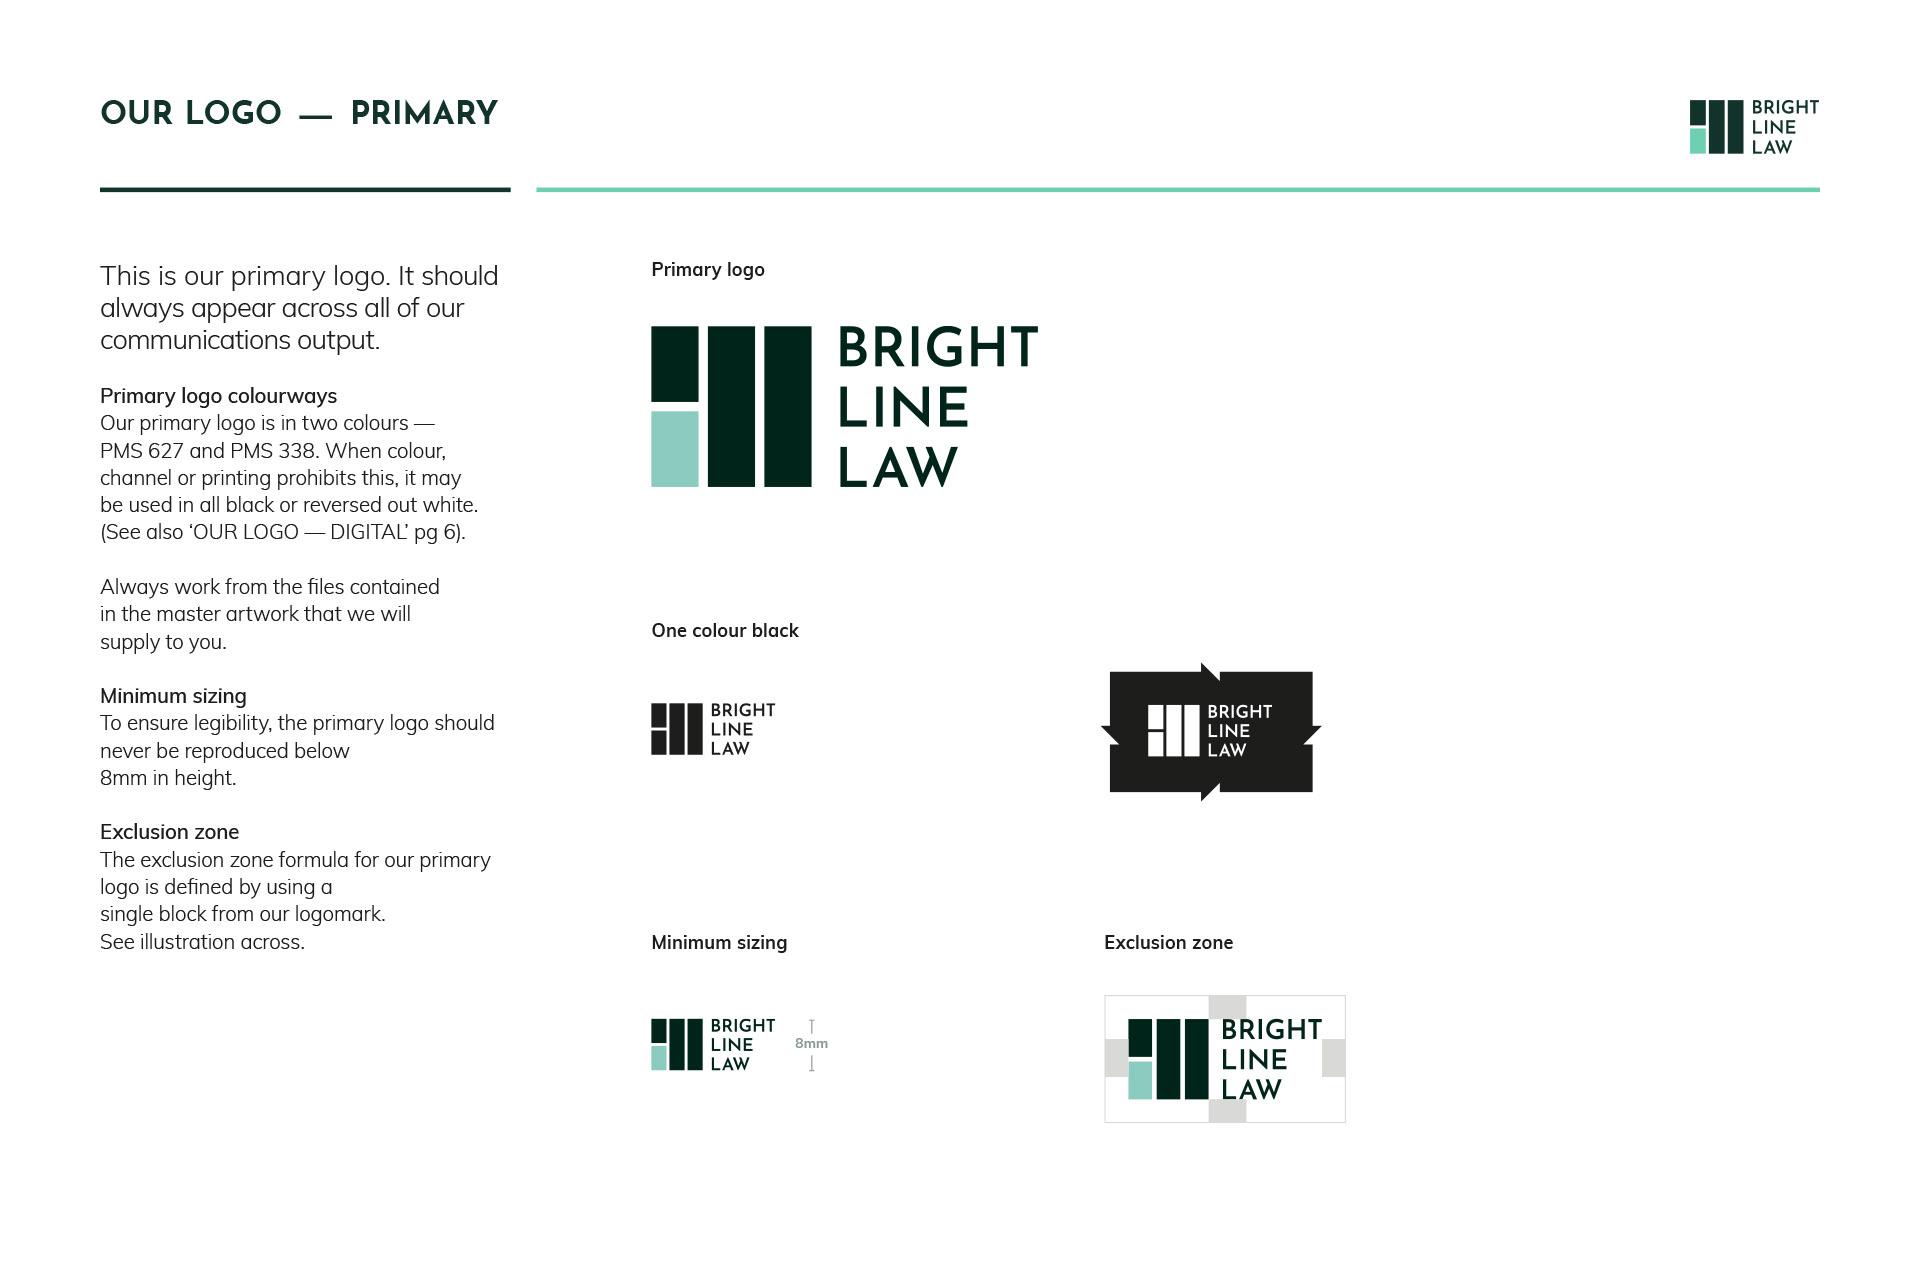 Bright Line Law